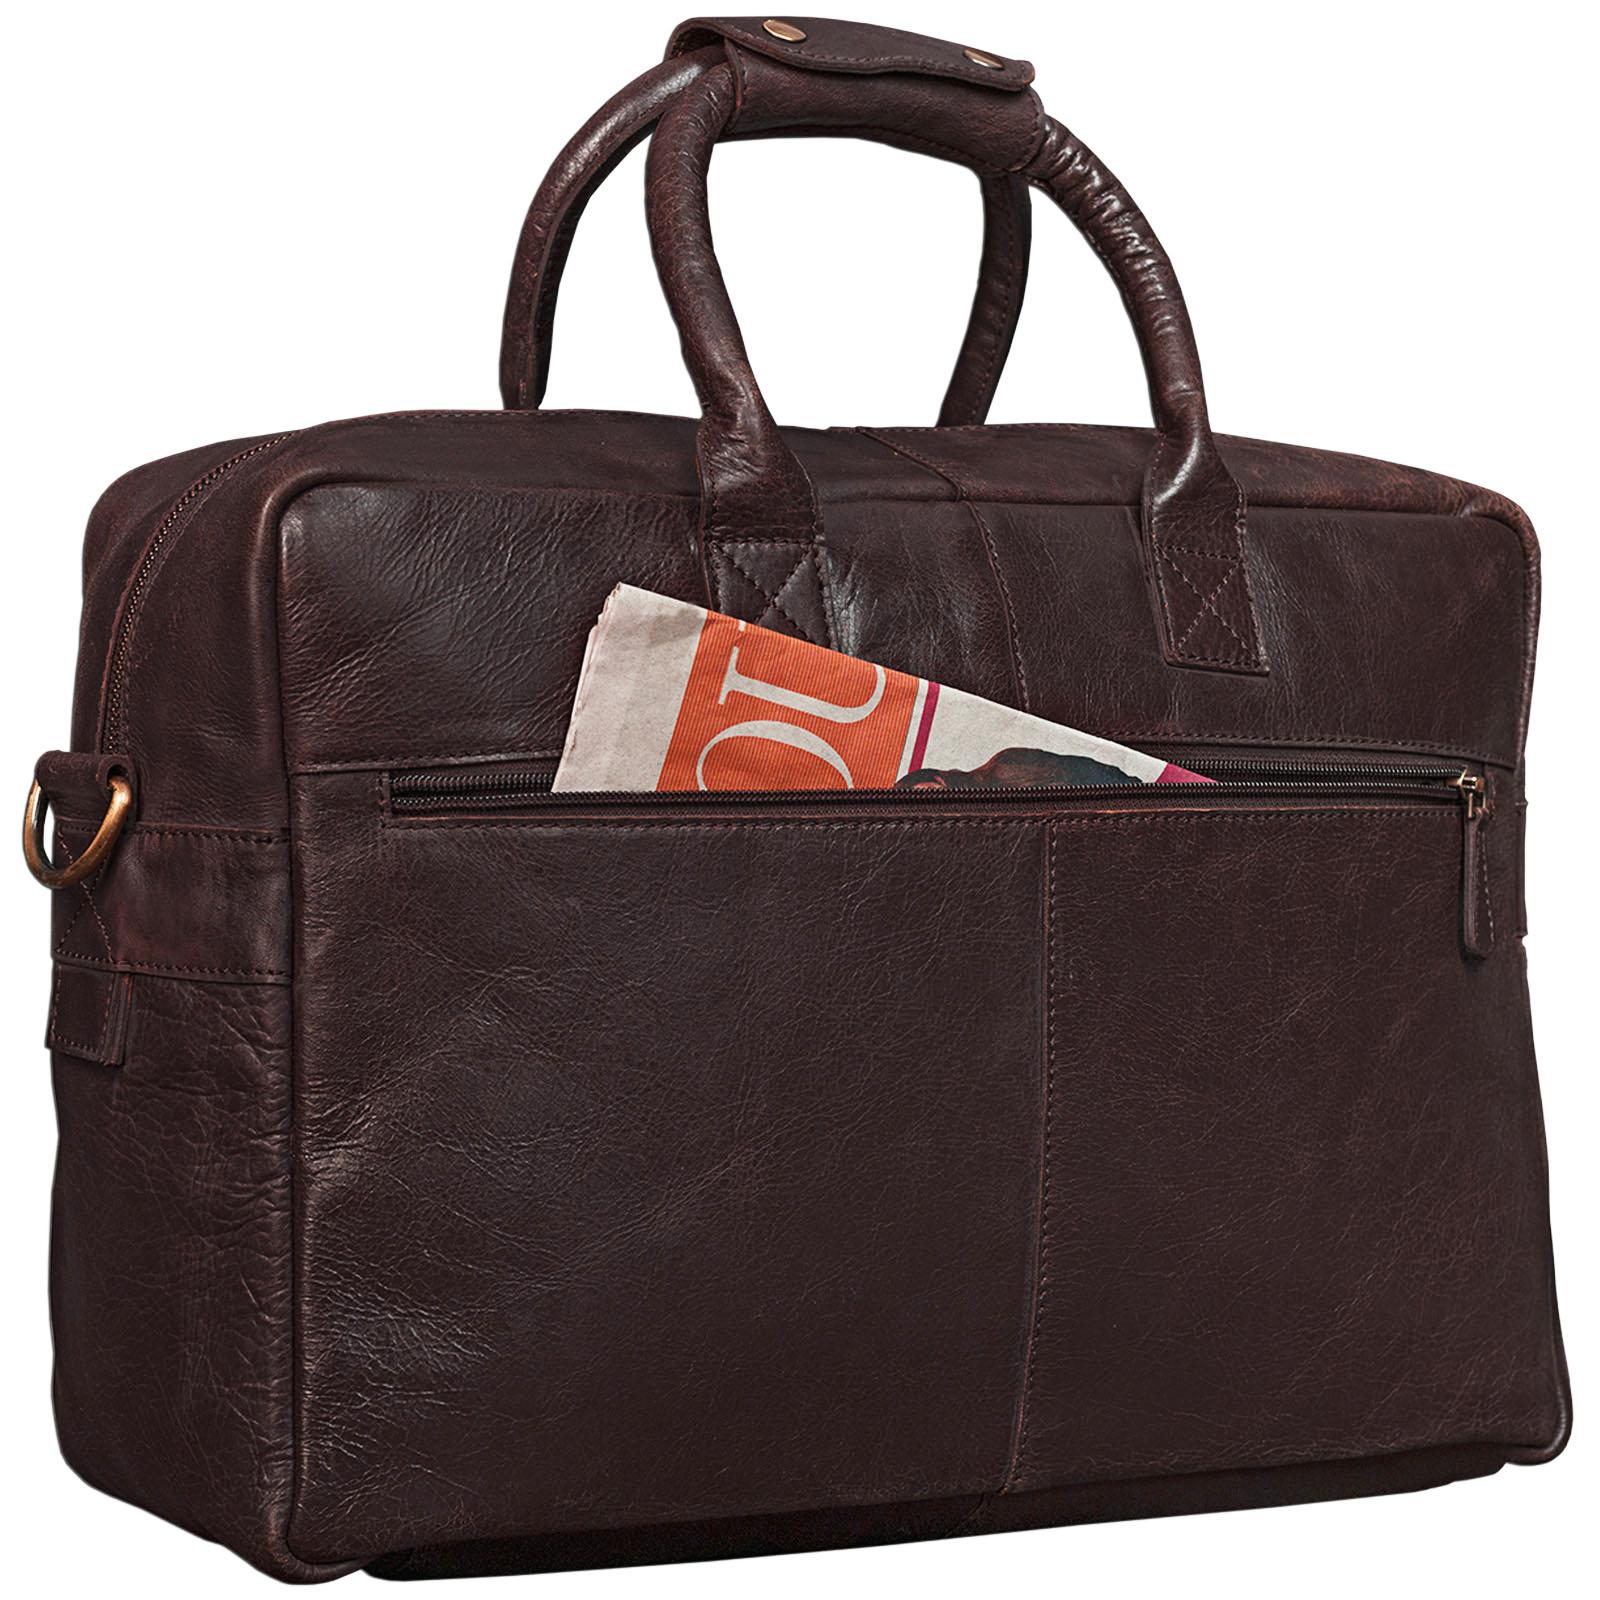 """STILORD """"Henri"""" Bürotasche Leder 15,6 Zoll Vintage Laptop Aktentasche Businesstasche Umhängetasche Lehrertasche Büffelleder - Bild 11"""